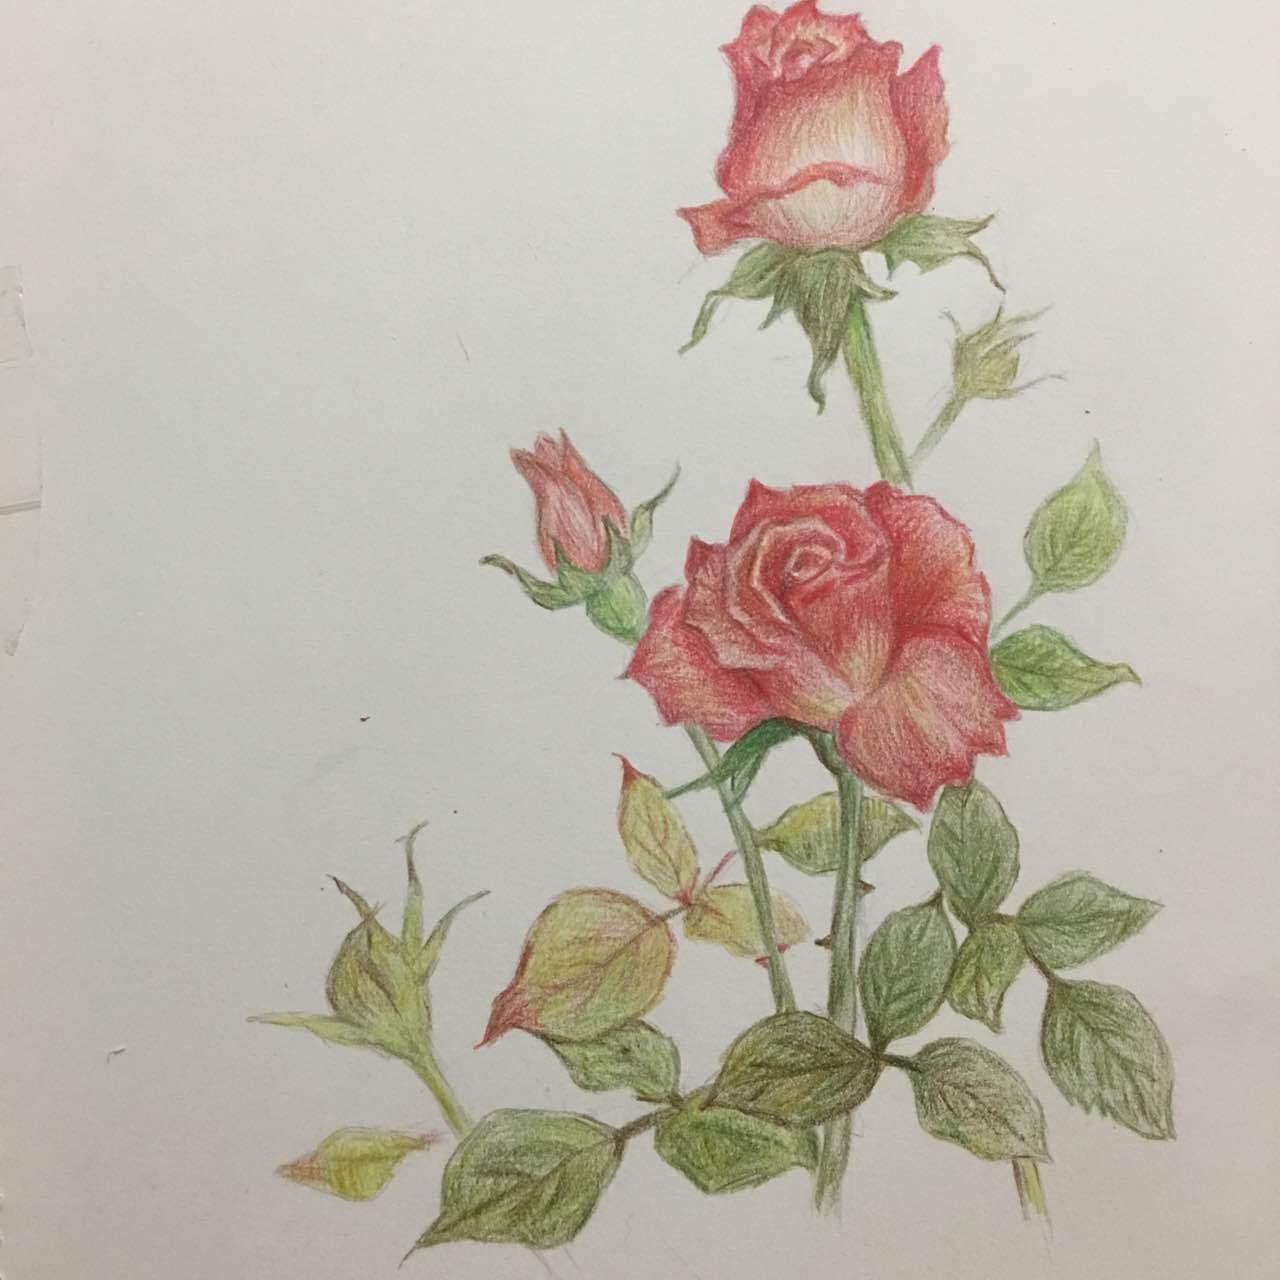 玫瑰|纯艺术|彩铅|尛雪花 - 原创作品 - 站酷 (zcool)